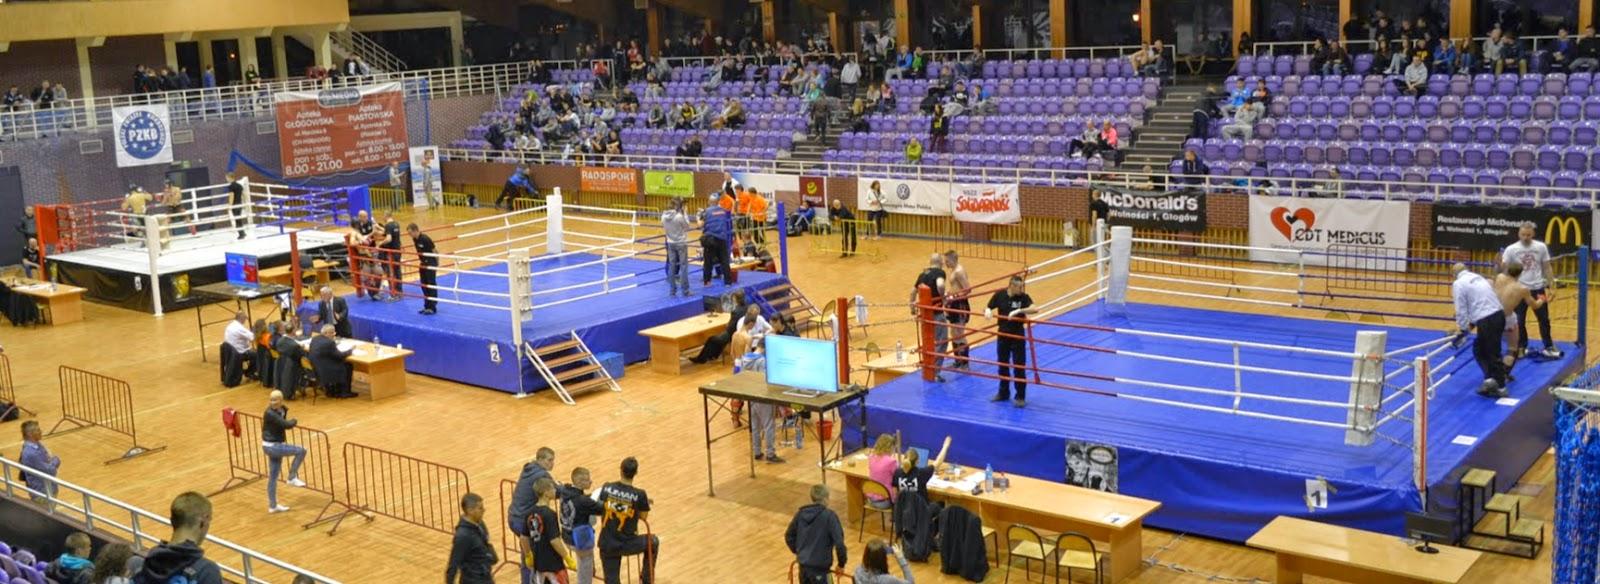 młodzież, junior, K-1, Mistrzostwa, Głogów, Zielona Góra, sport, trening, ring